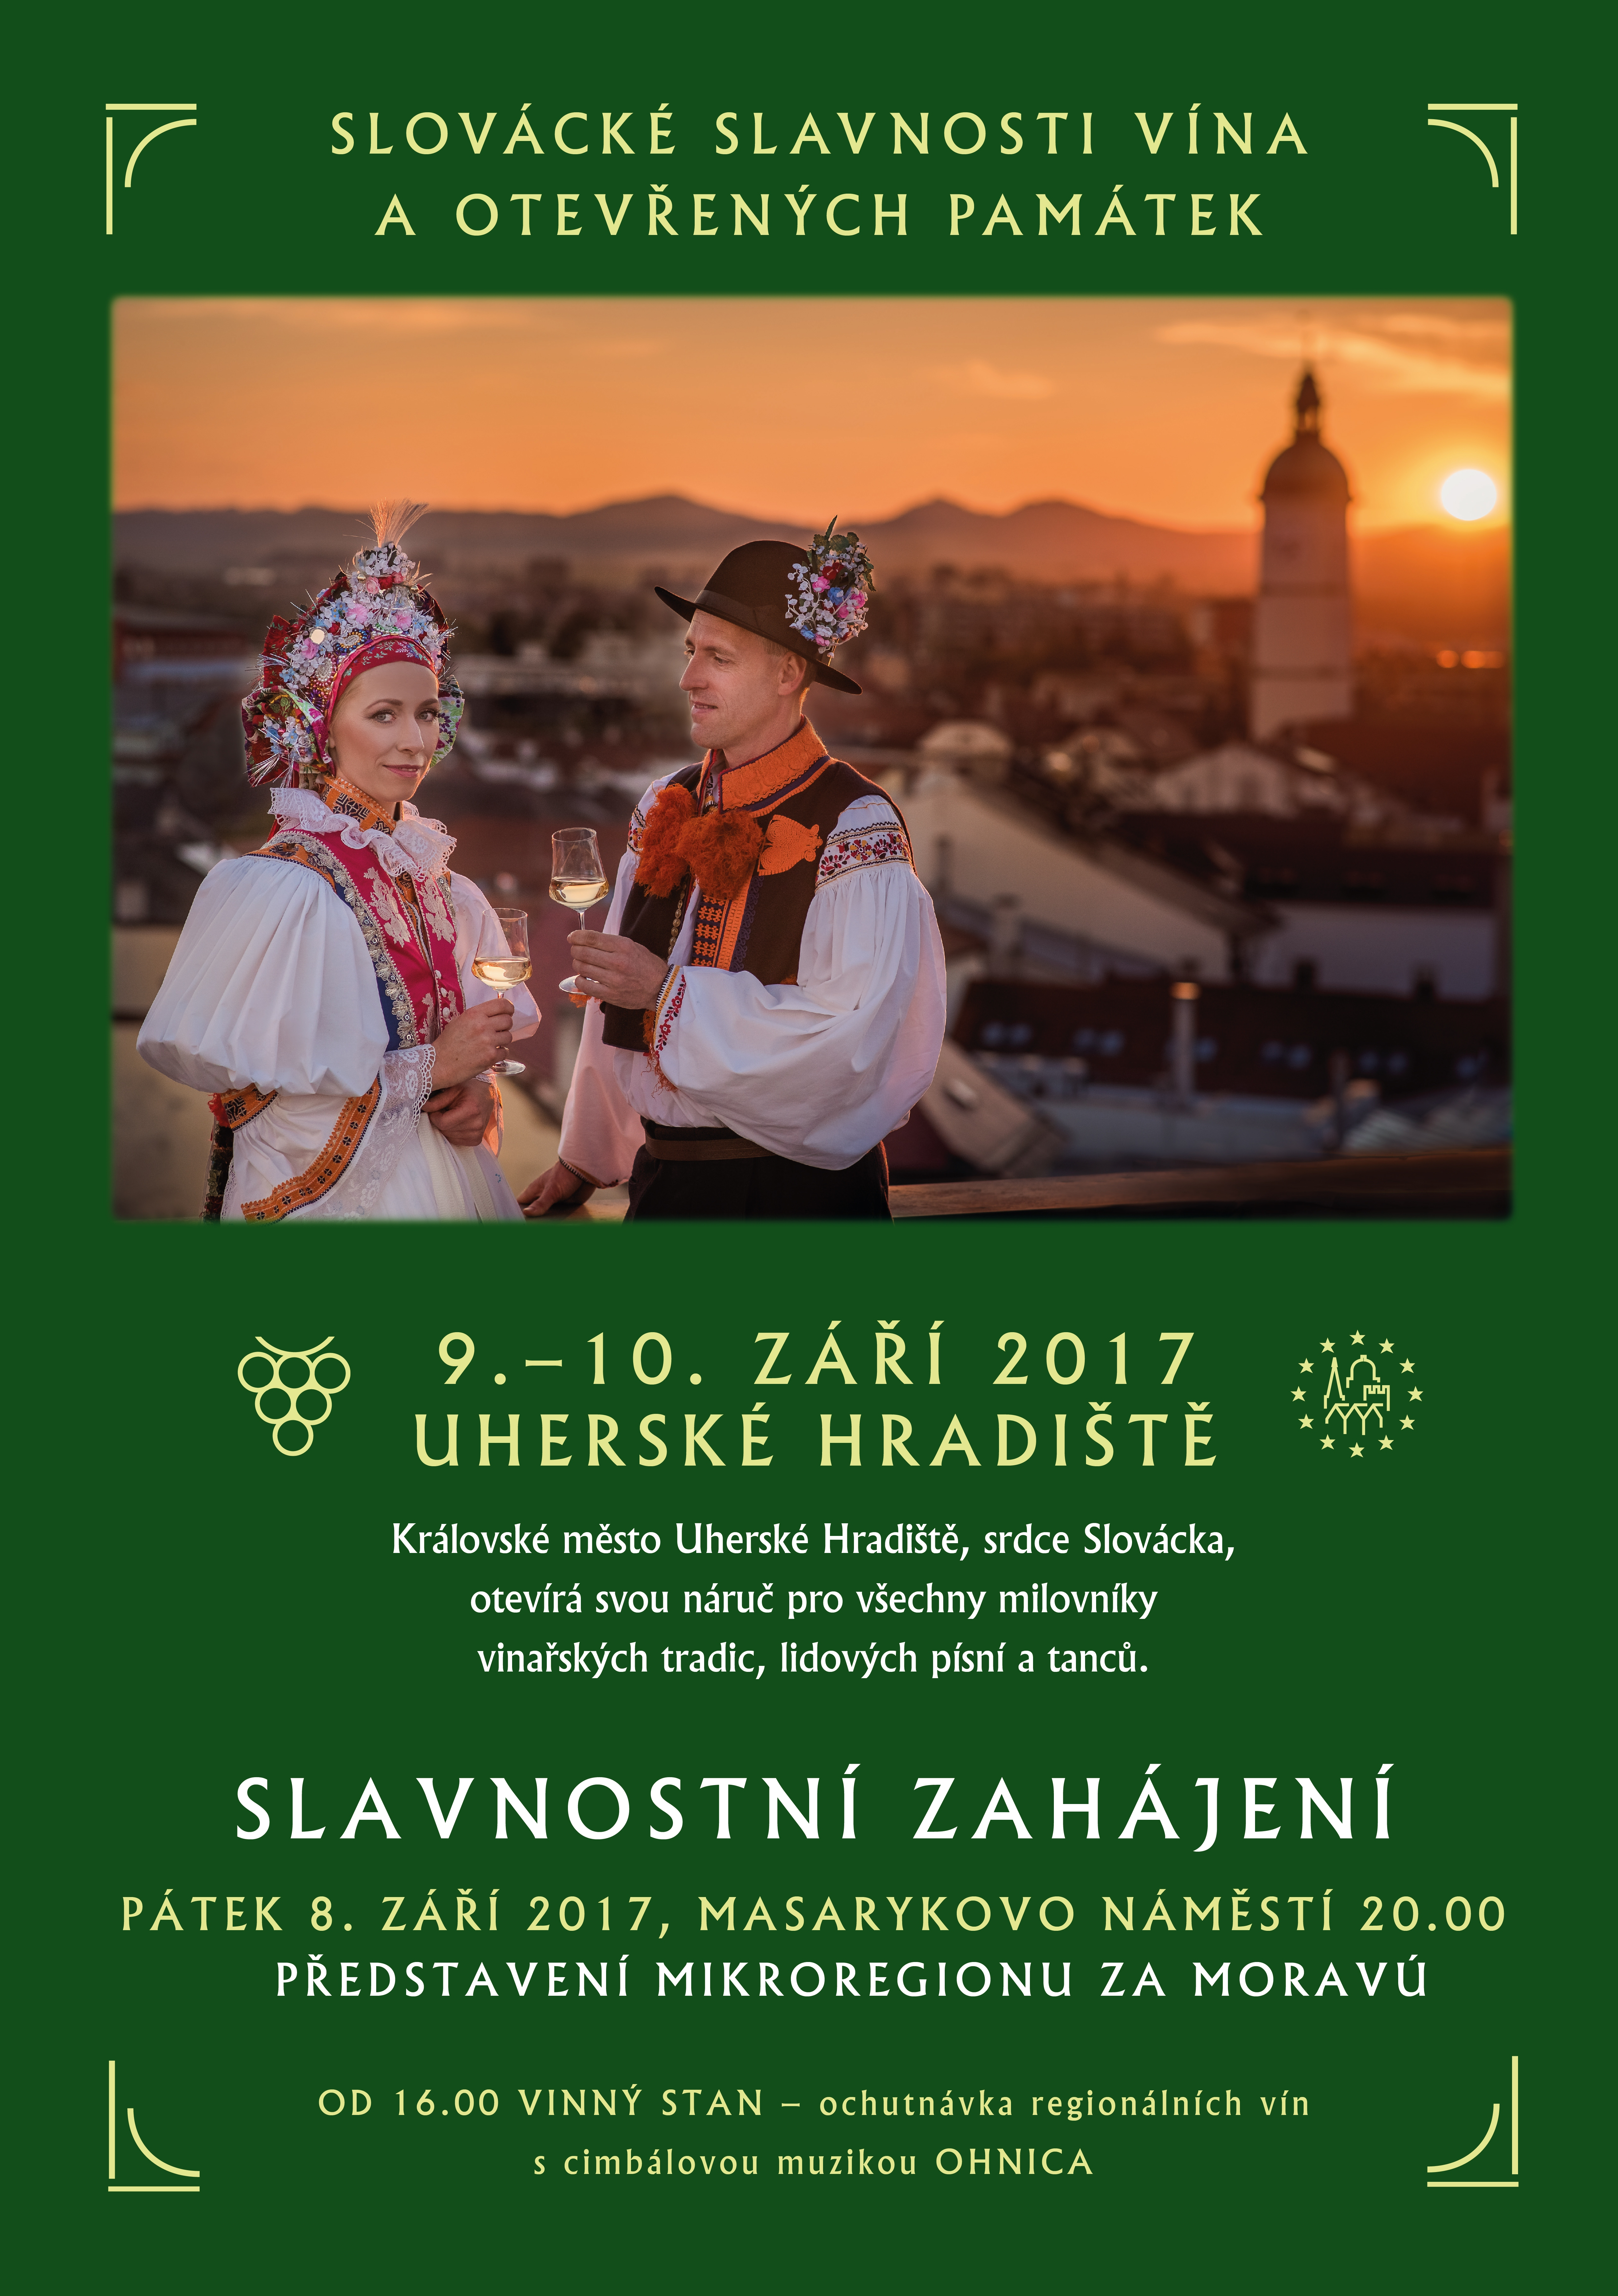 Slovácké slavnosti vína a otevřených památek 9.-10.září 2017